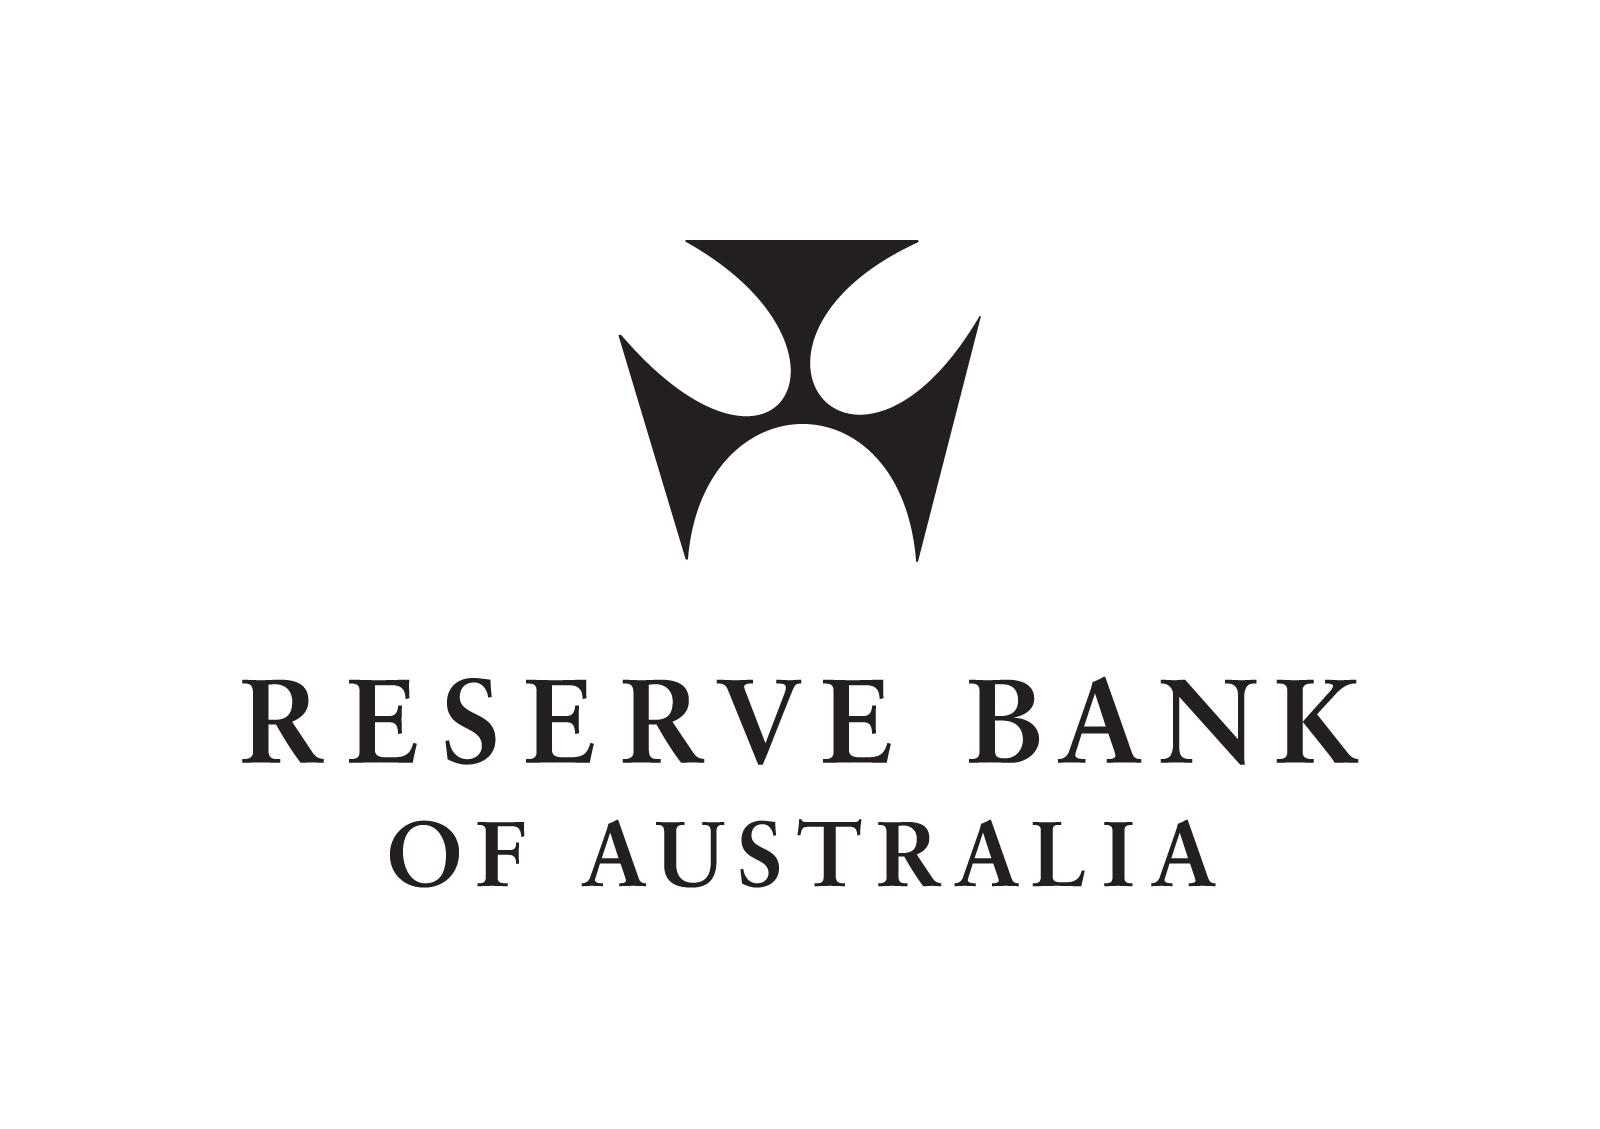 reserve-bank-of-australia-logo.jpg